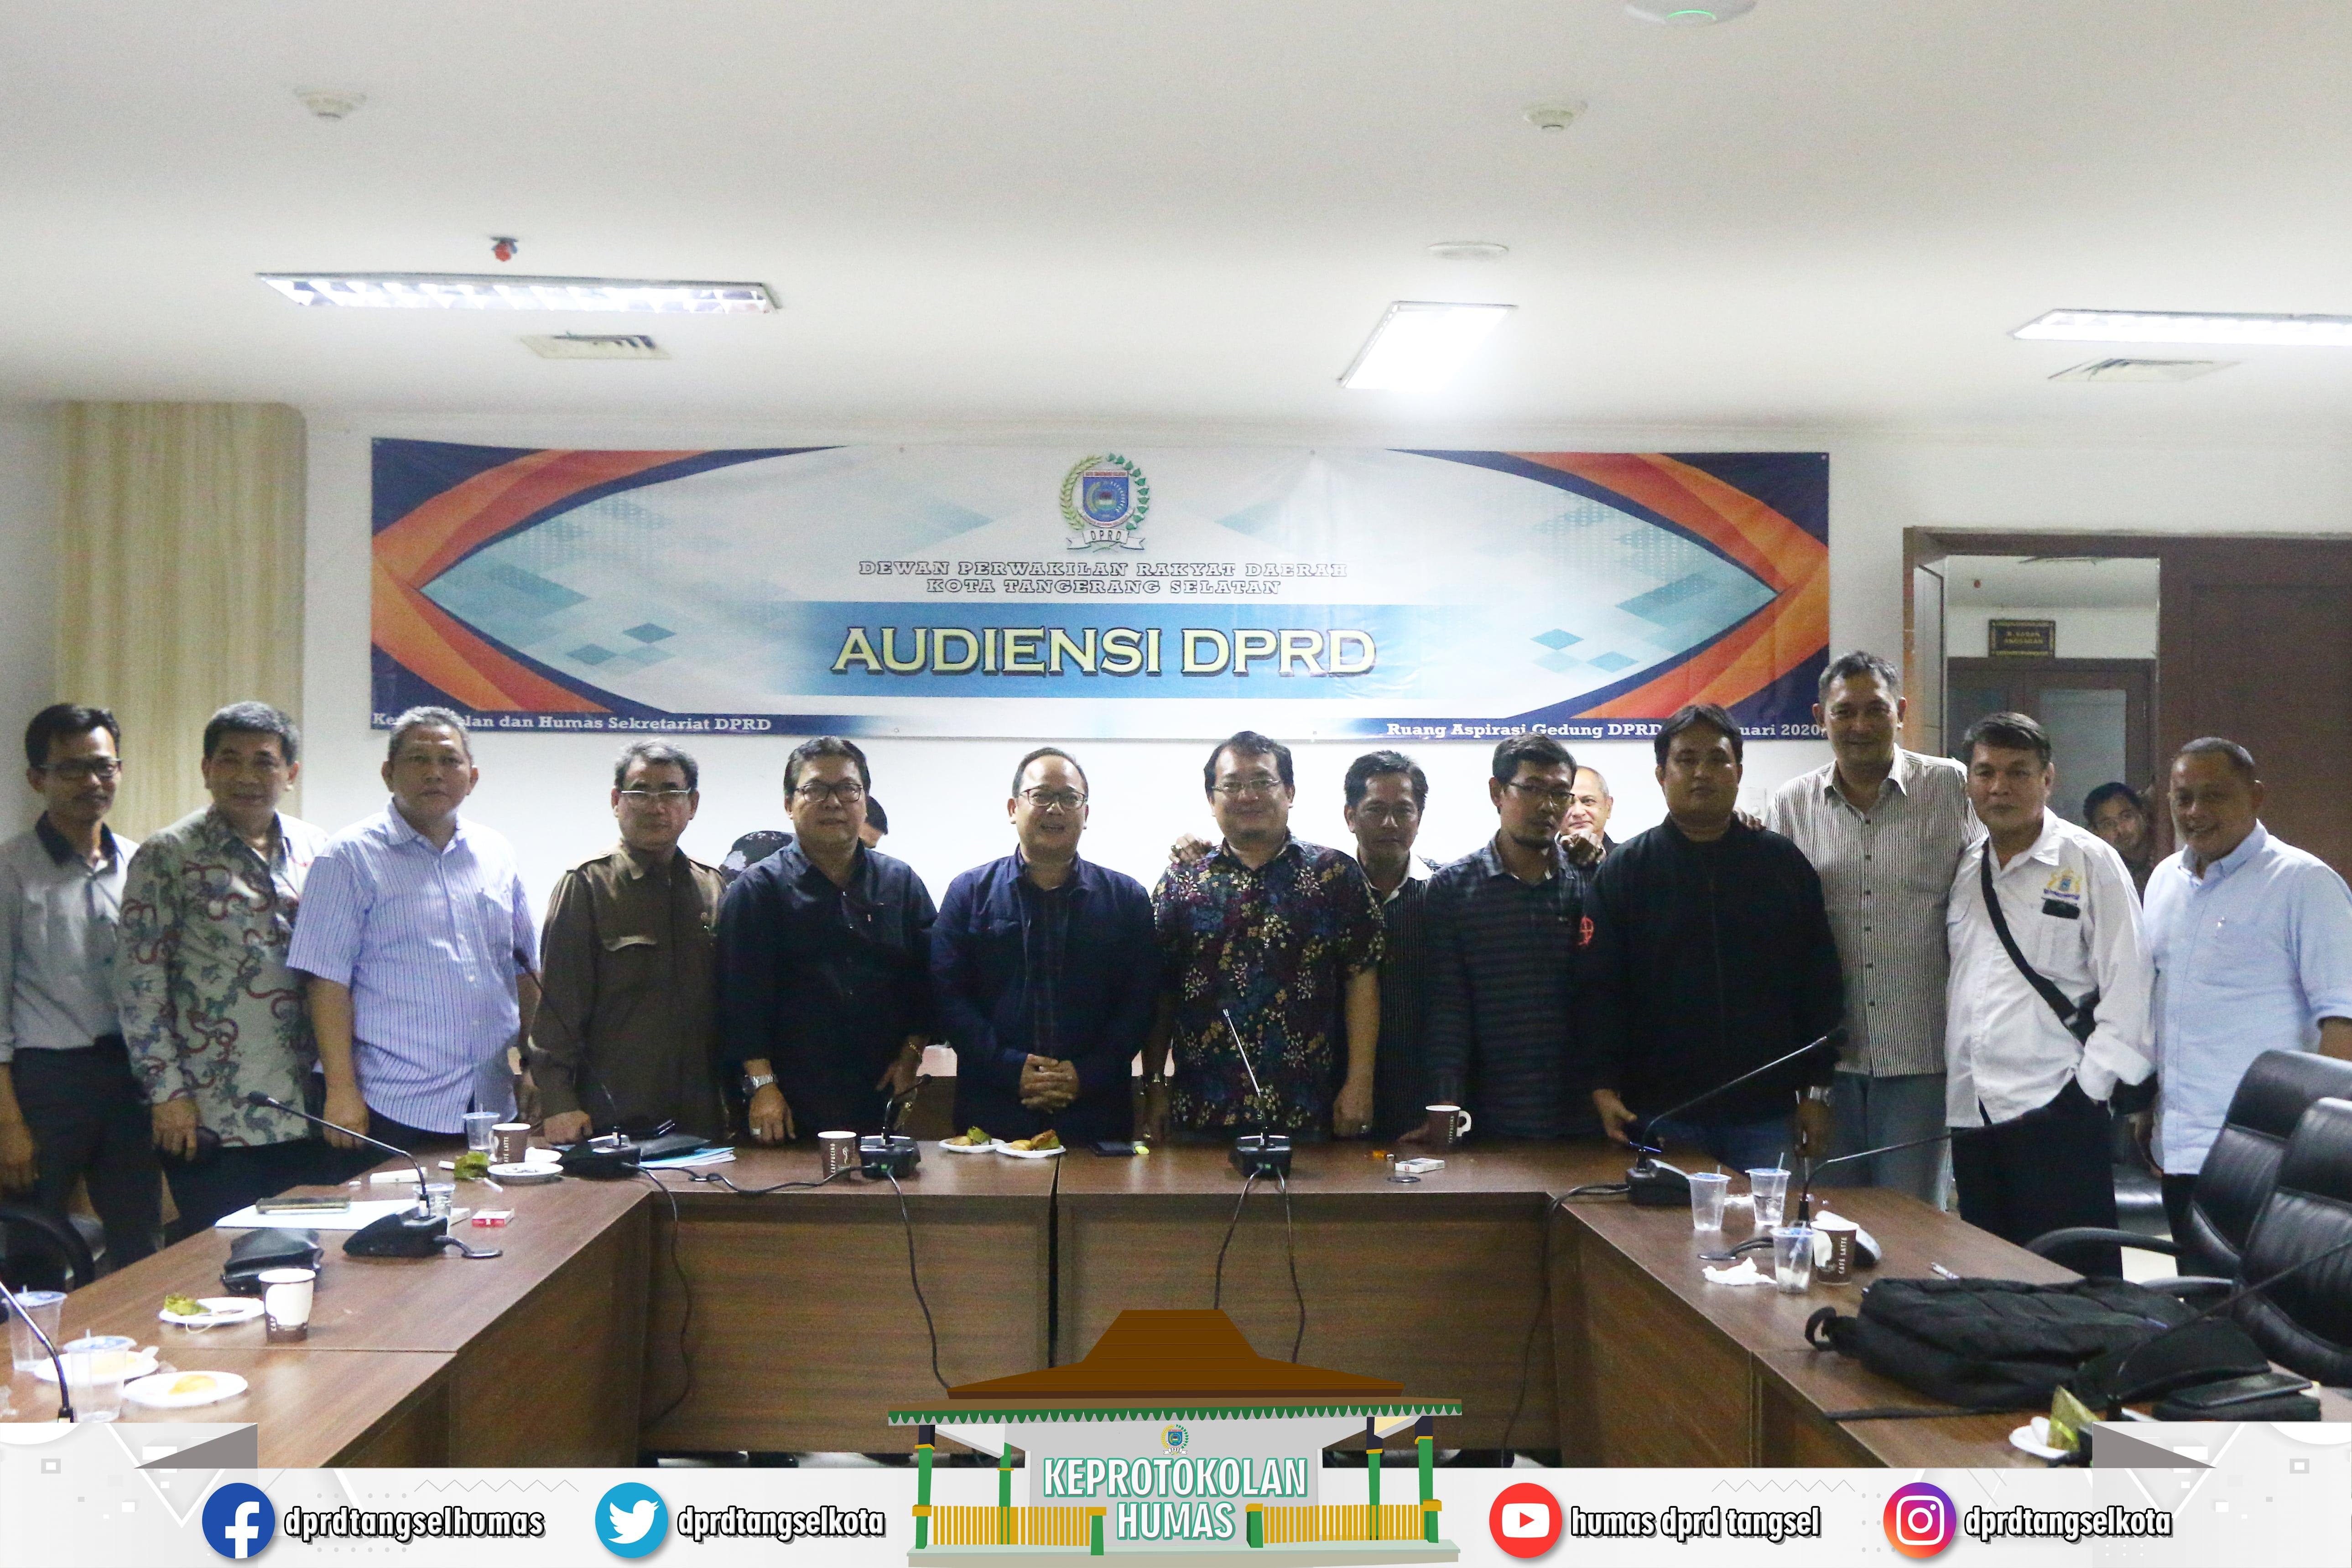 Pimpinan dan Anggota DPRD Terima Audiensi P4TRA